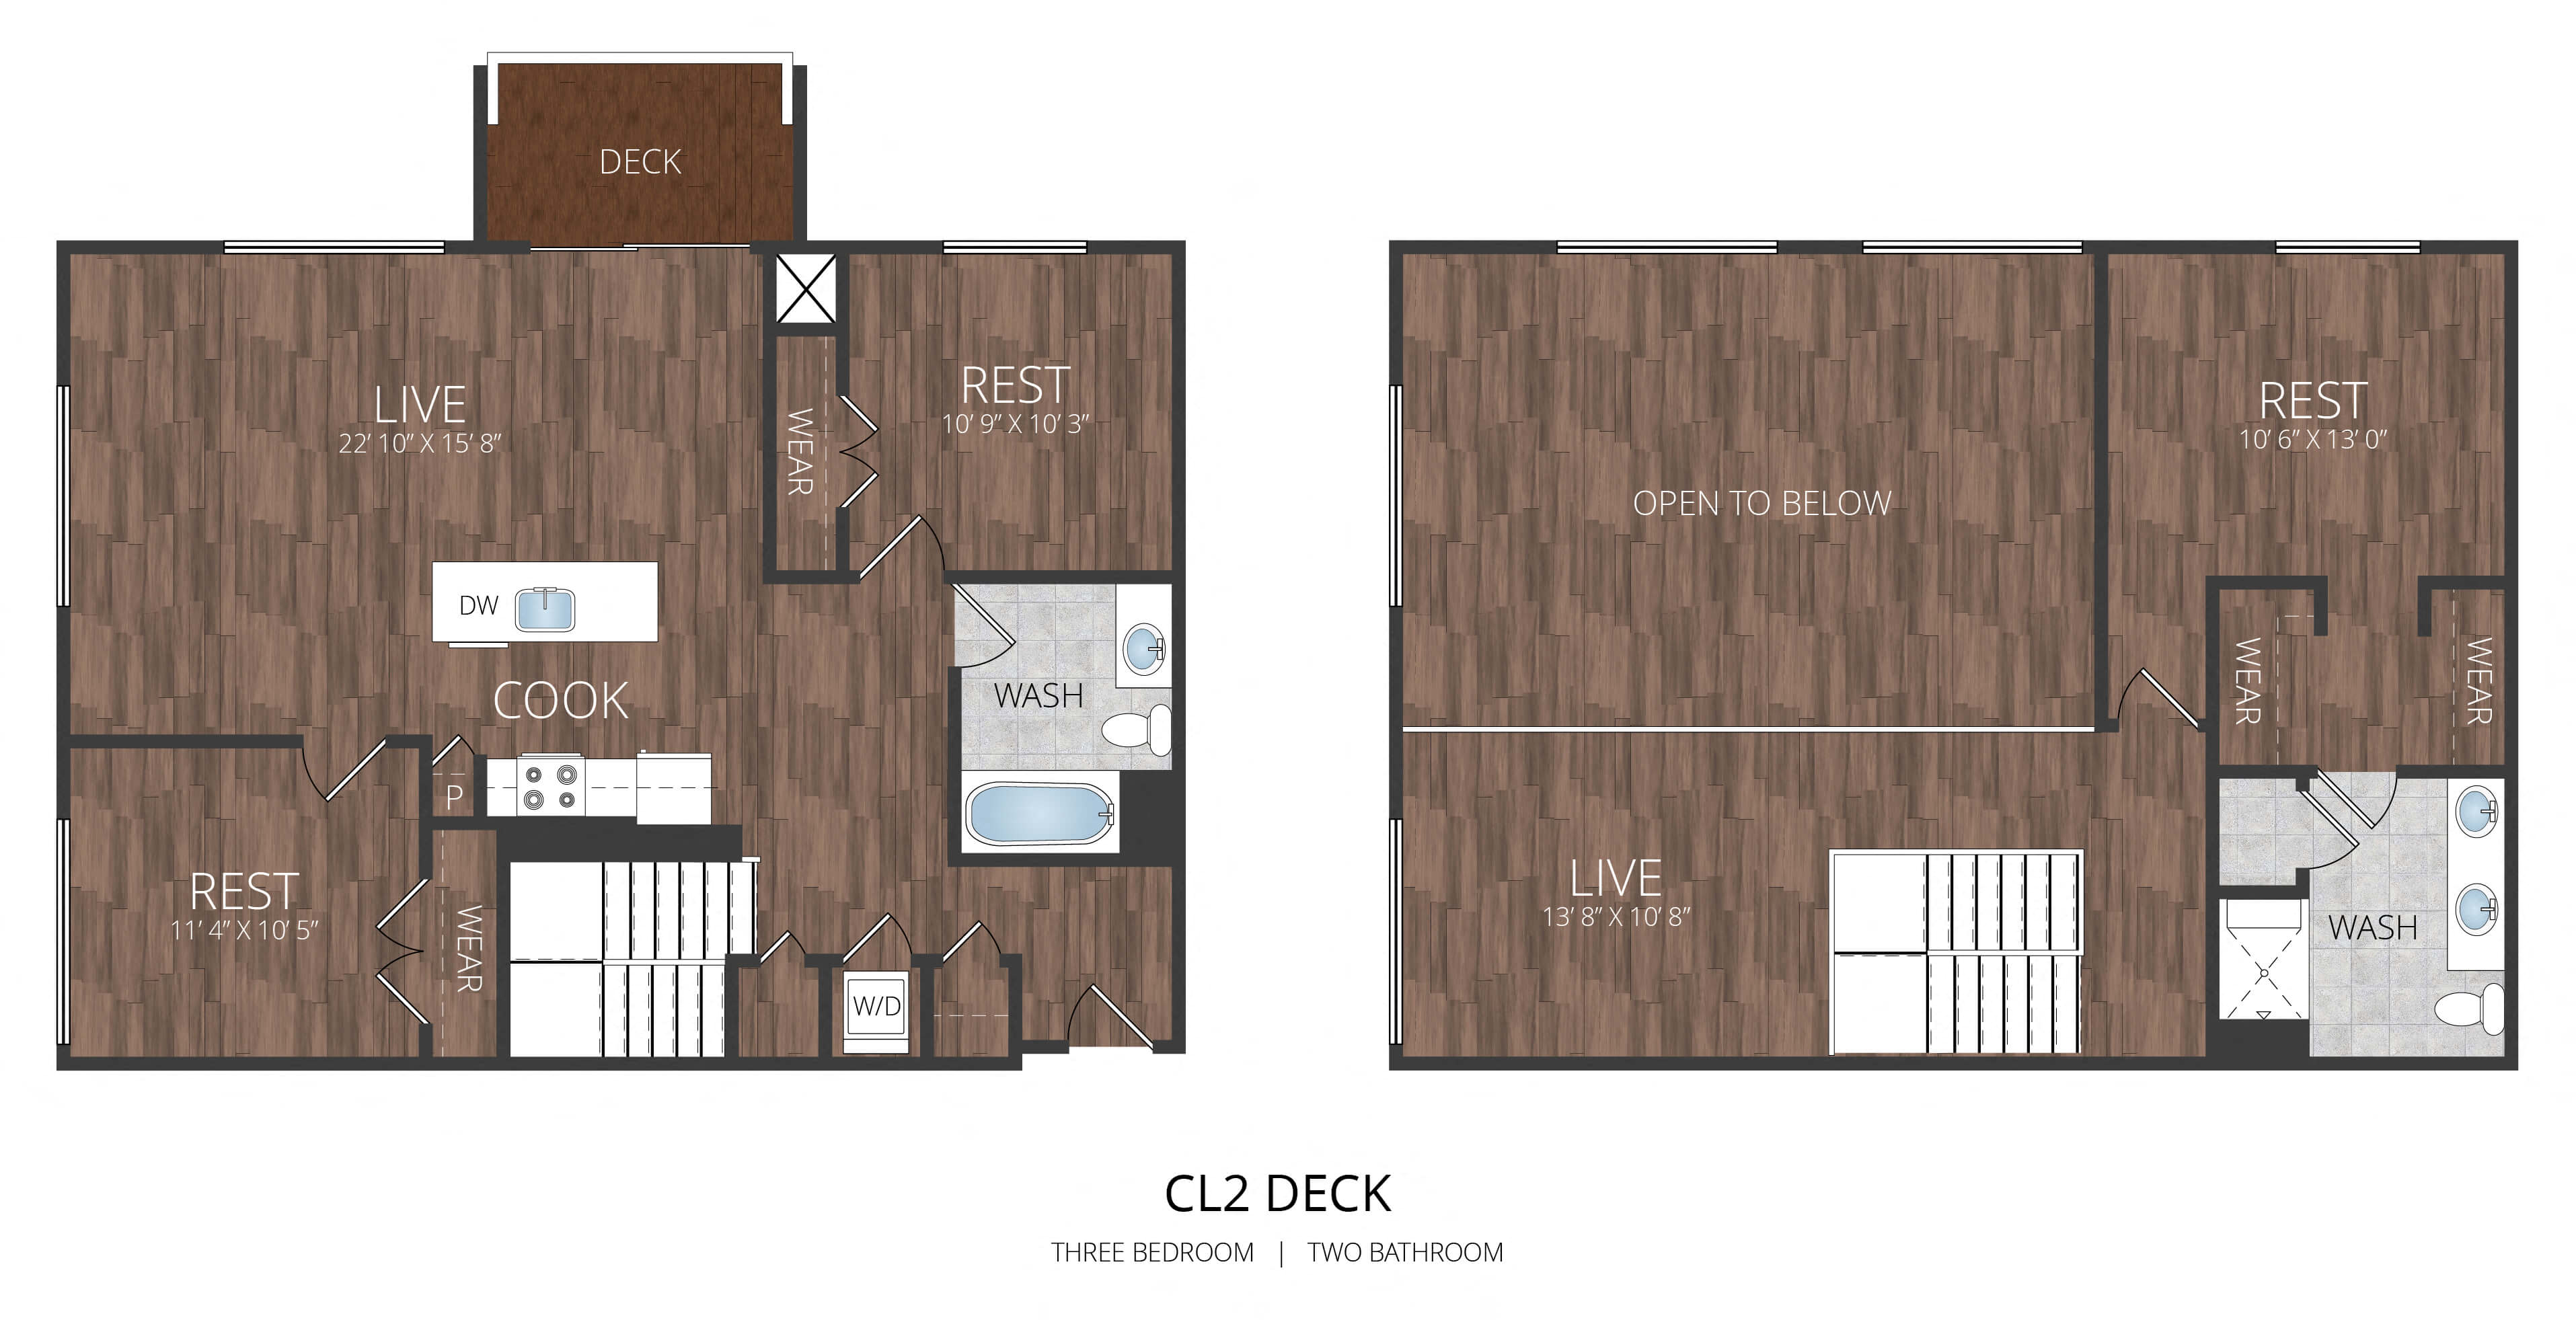 Penthouse CL2